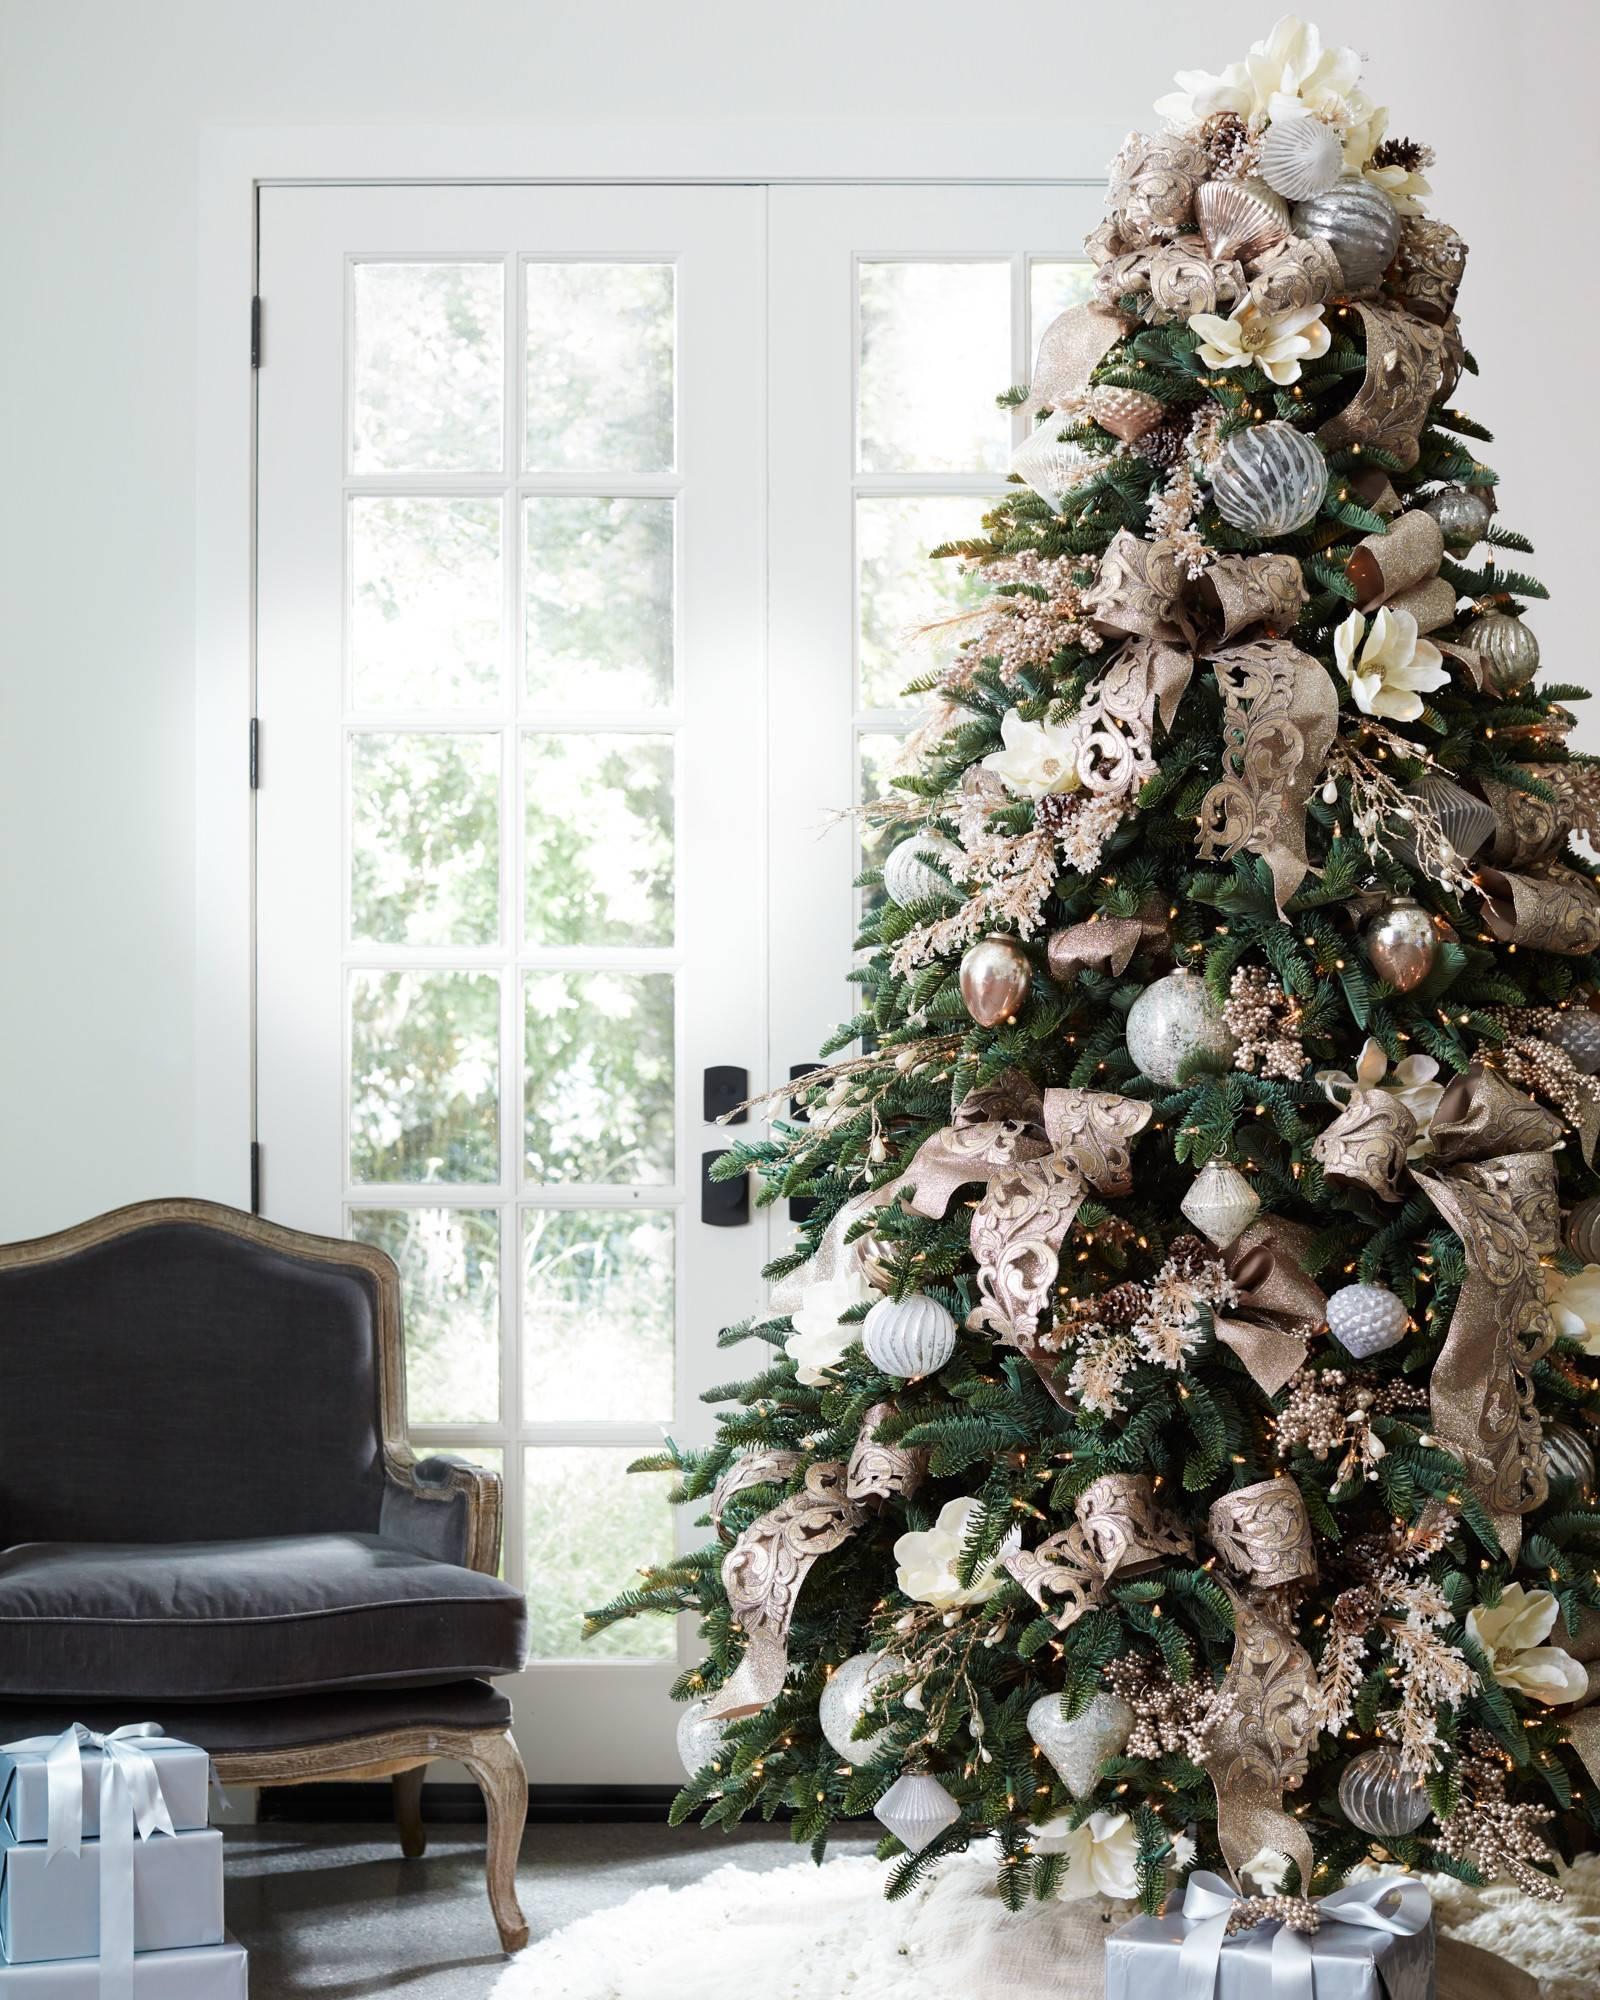 Xmas Tree Decorations With Ribbons: Specialty Christmas Tree Ribbon